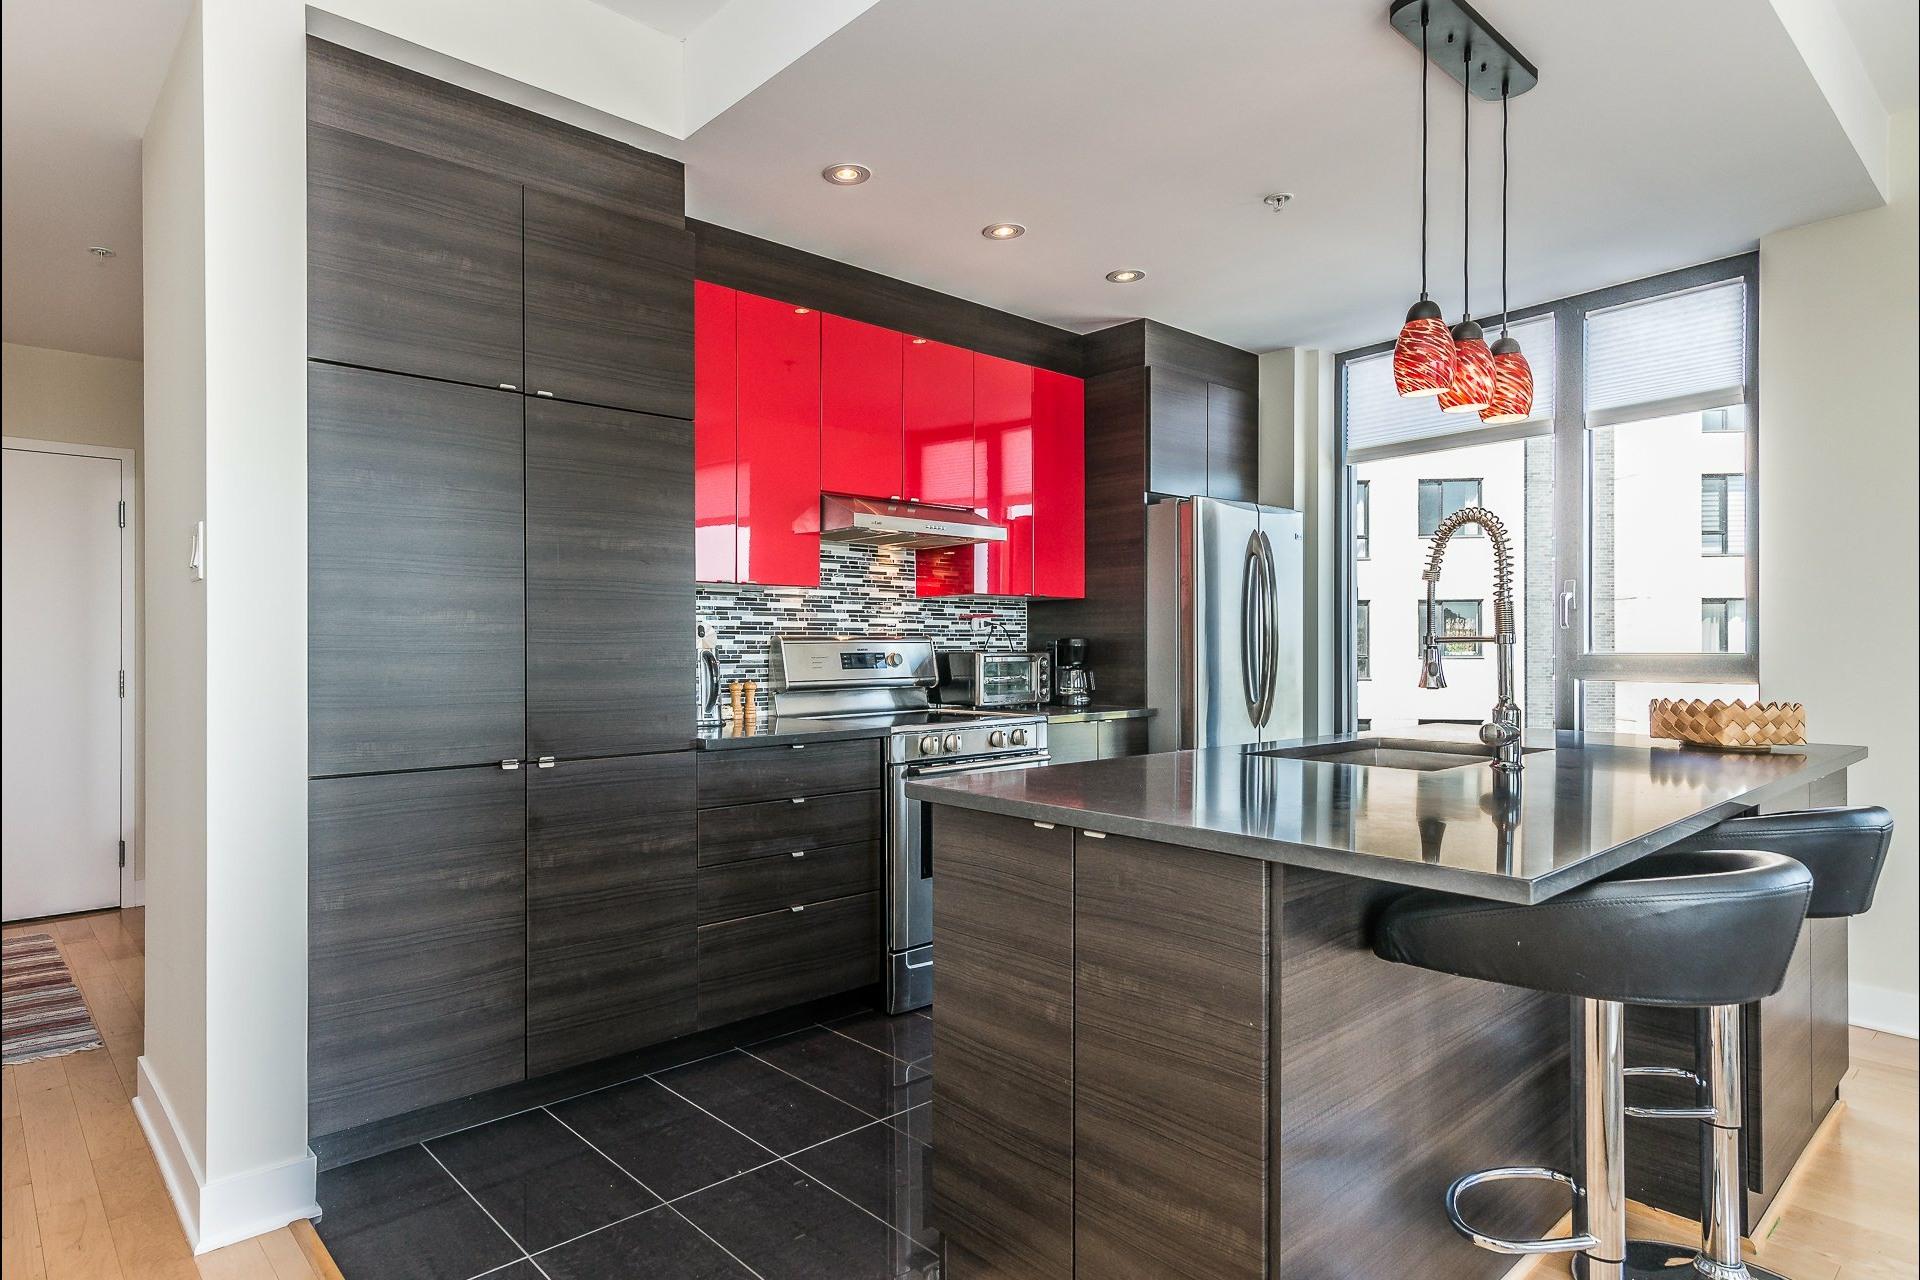 image 9 - Appartement À louer Montréal Côte-des-Neiges/Notre-Dame-de-Grâce  - 5 pièces